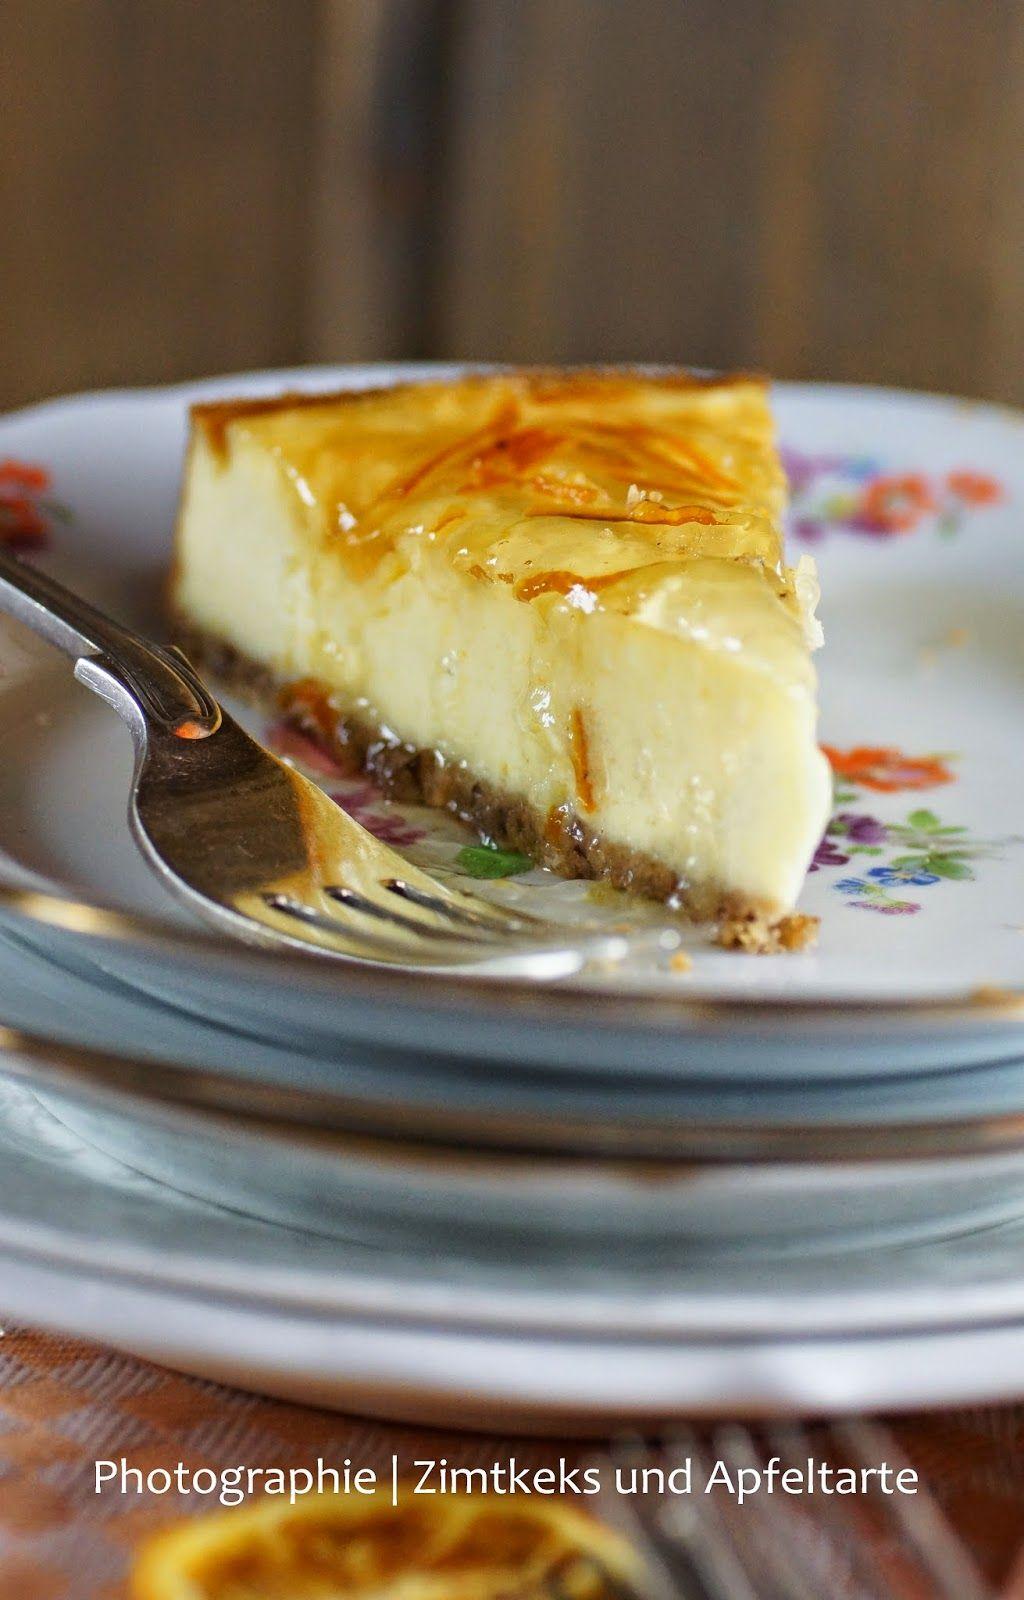 Zimtkeks und Apfeltarte: Es ist Liebe: Orange-Vanille-Cheesecake